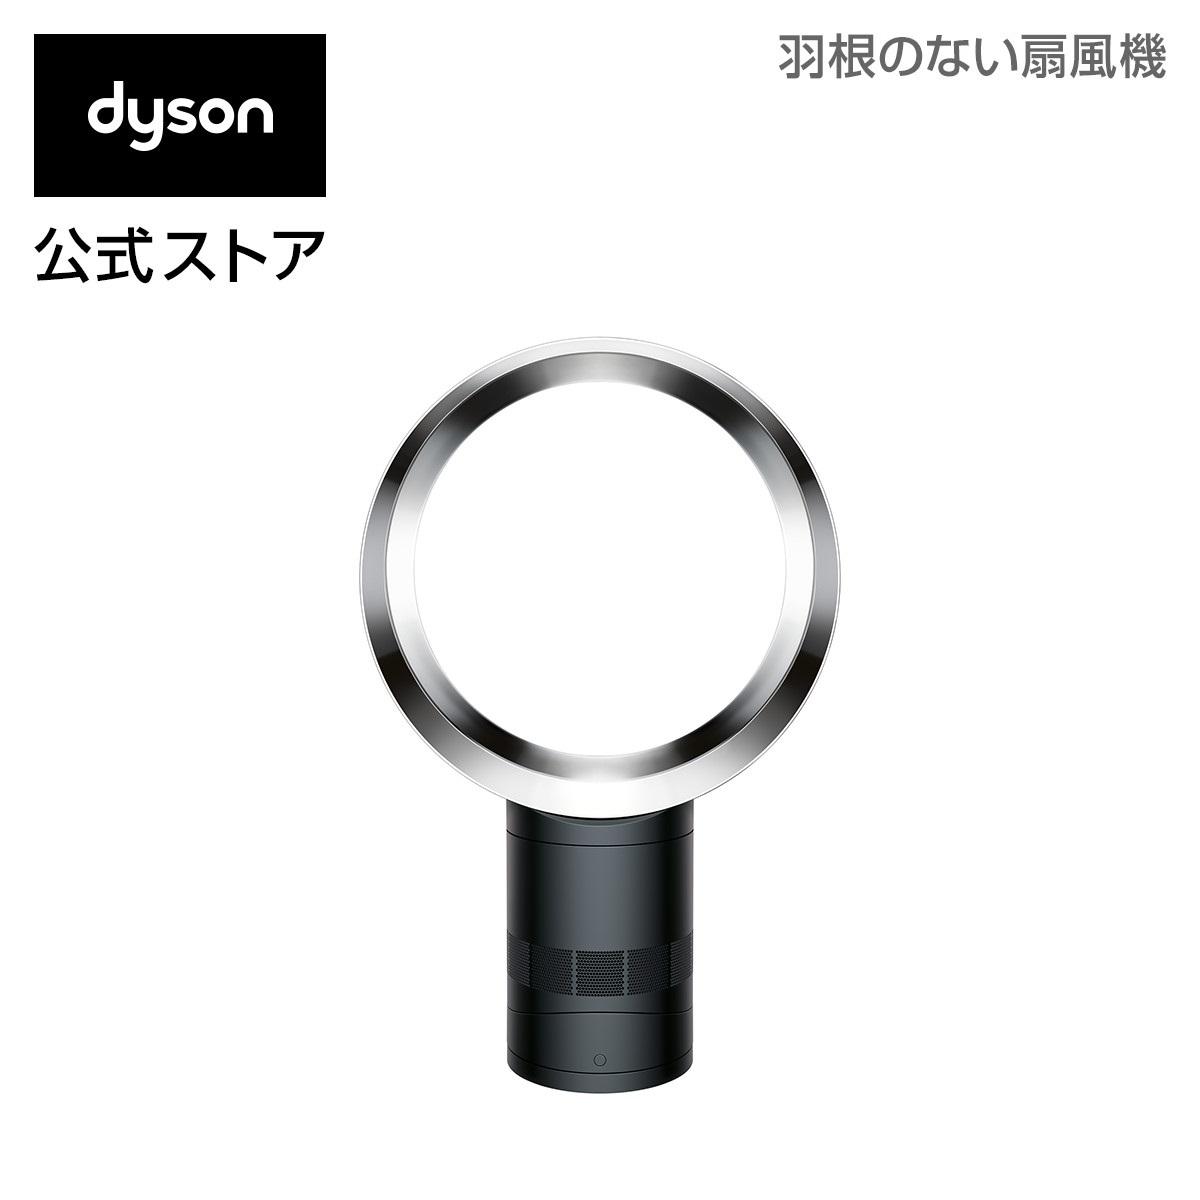 【クリアランス】ダイソン Dyson AM06 テーブルファン 扇風機 AM06 DC 30 BN ブラック/ニッケル 【新品/メーカー2年保証】